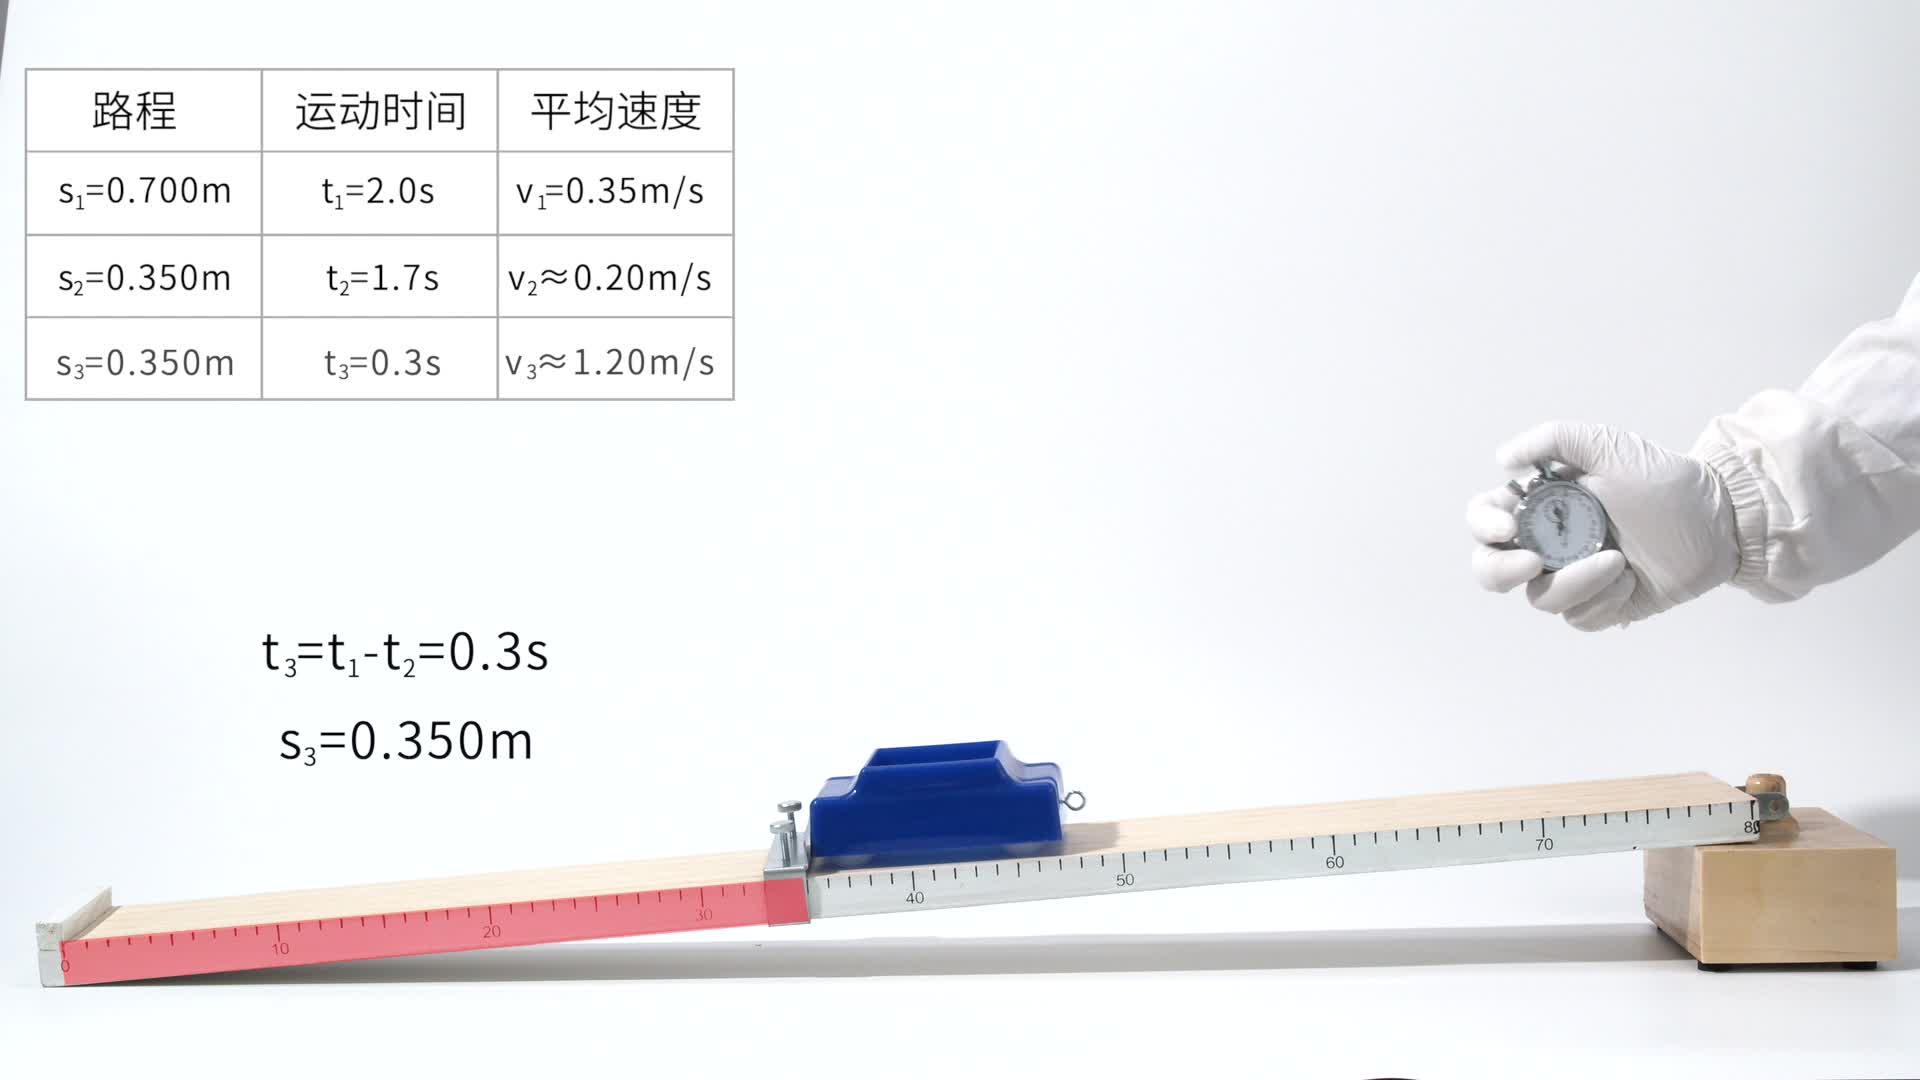 1.4 测量物体运动的平均速度-【火花学院】人教版八年级物理上册 第一章 机械运动 第四节 测量平均速度 [来自e网通客户端]